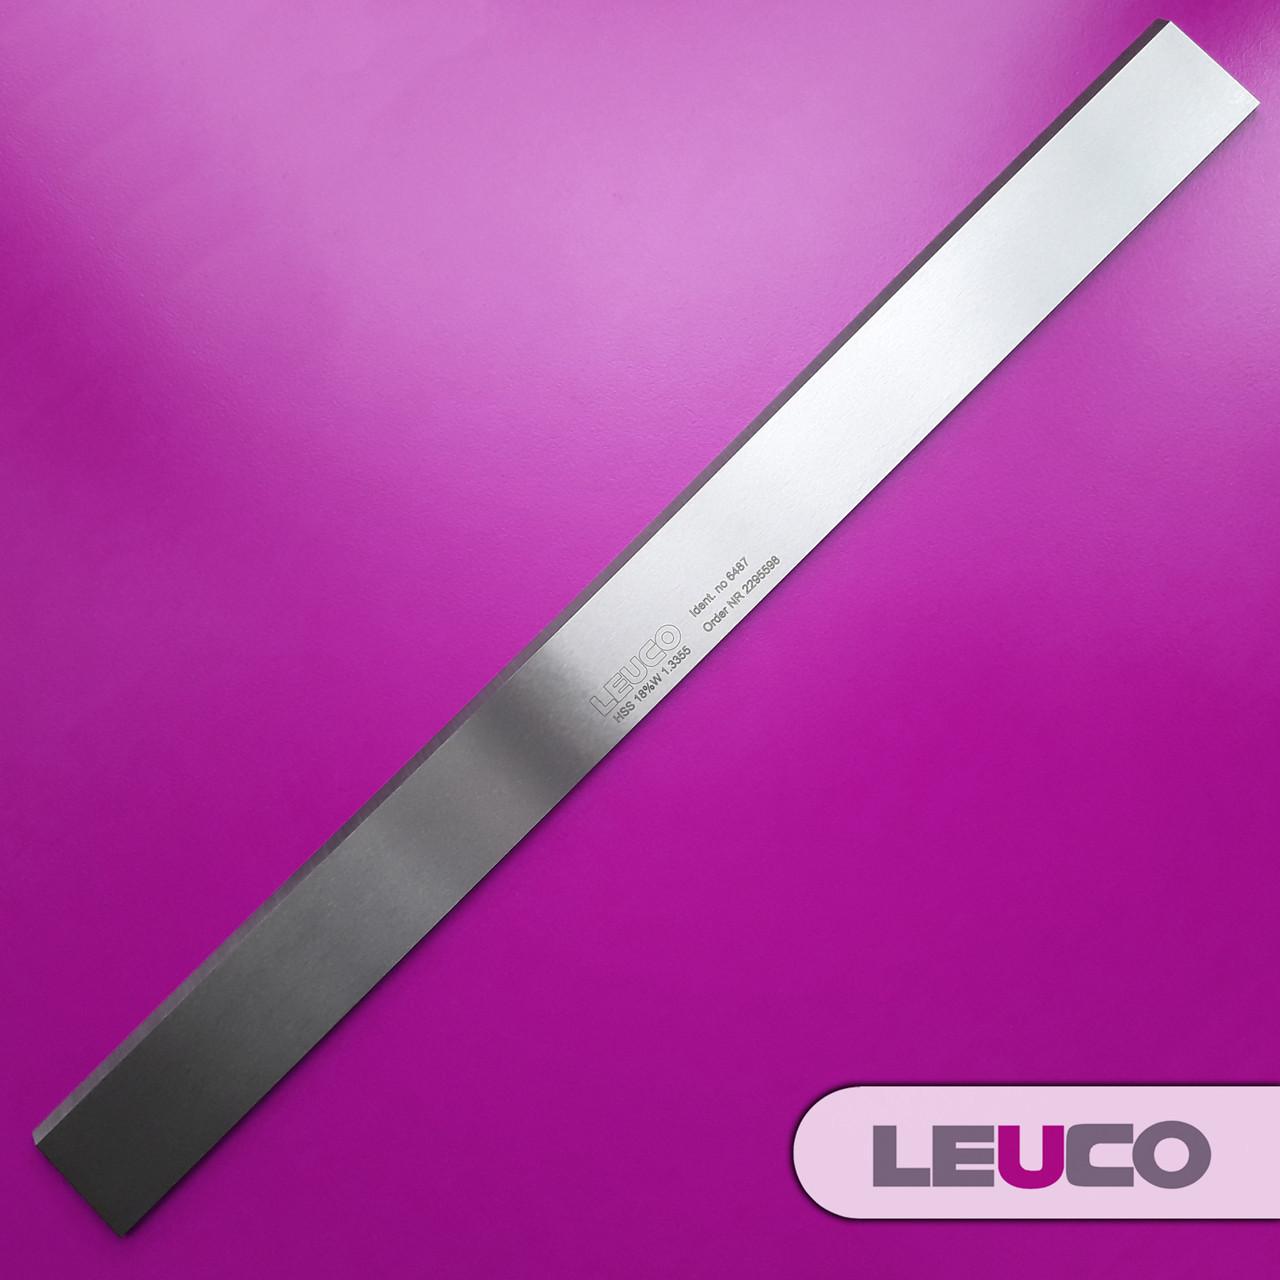 510х30x3 HSS 18% Строгальные (фуговальные) ножи Leuco для фуганков и рейсмусов